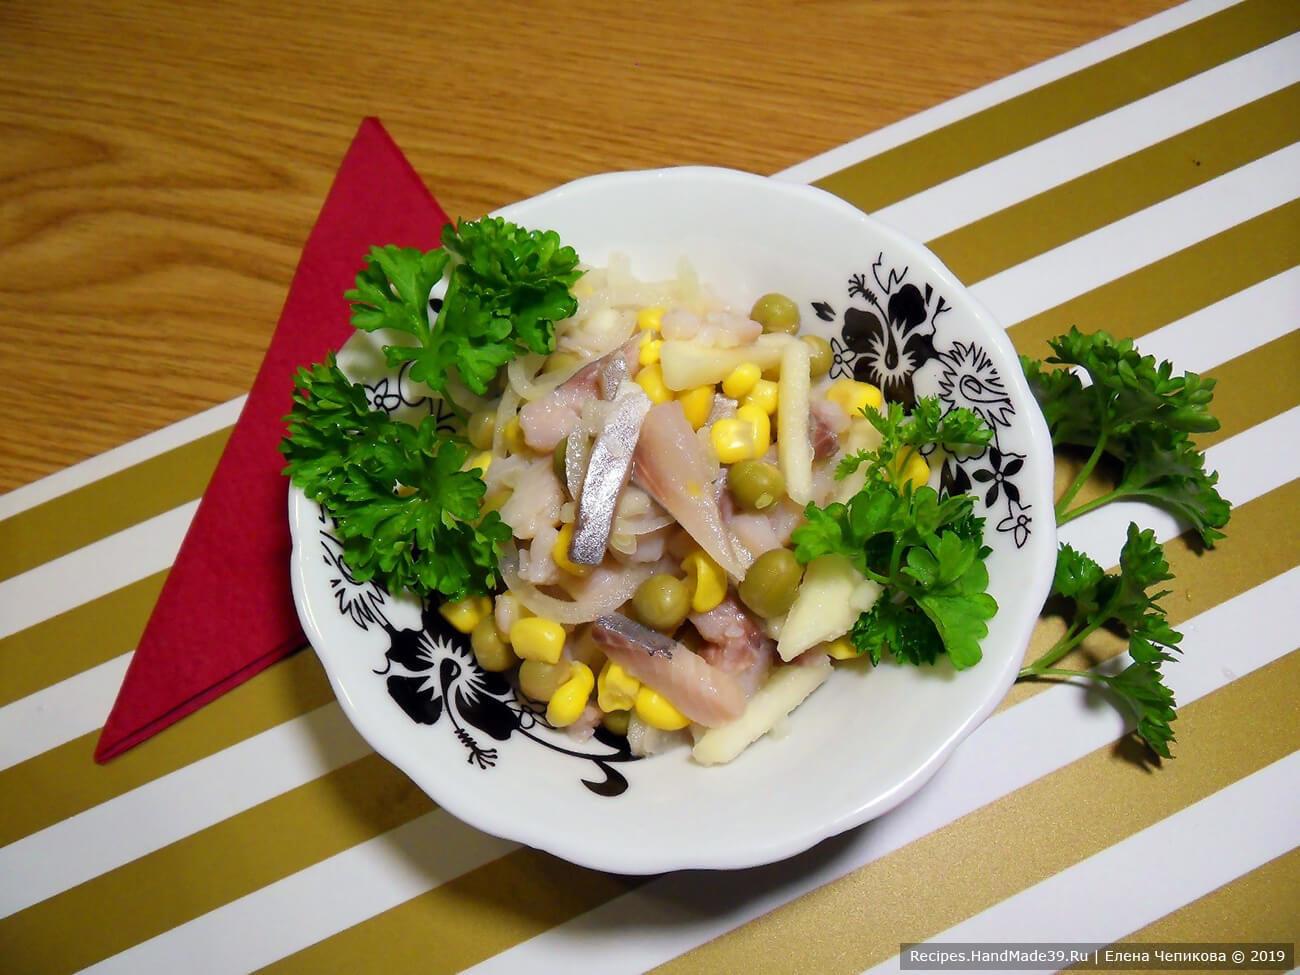 Нежный салат с сельдью, яблоком и горошком